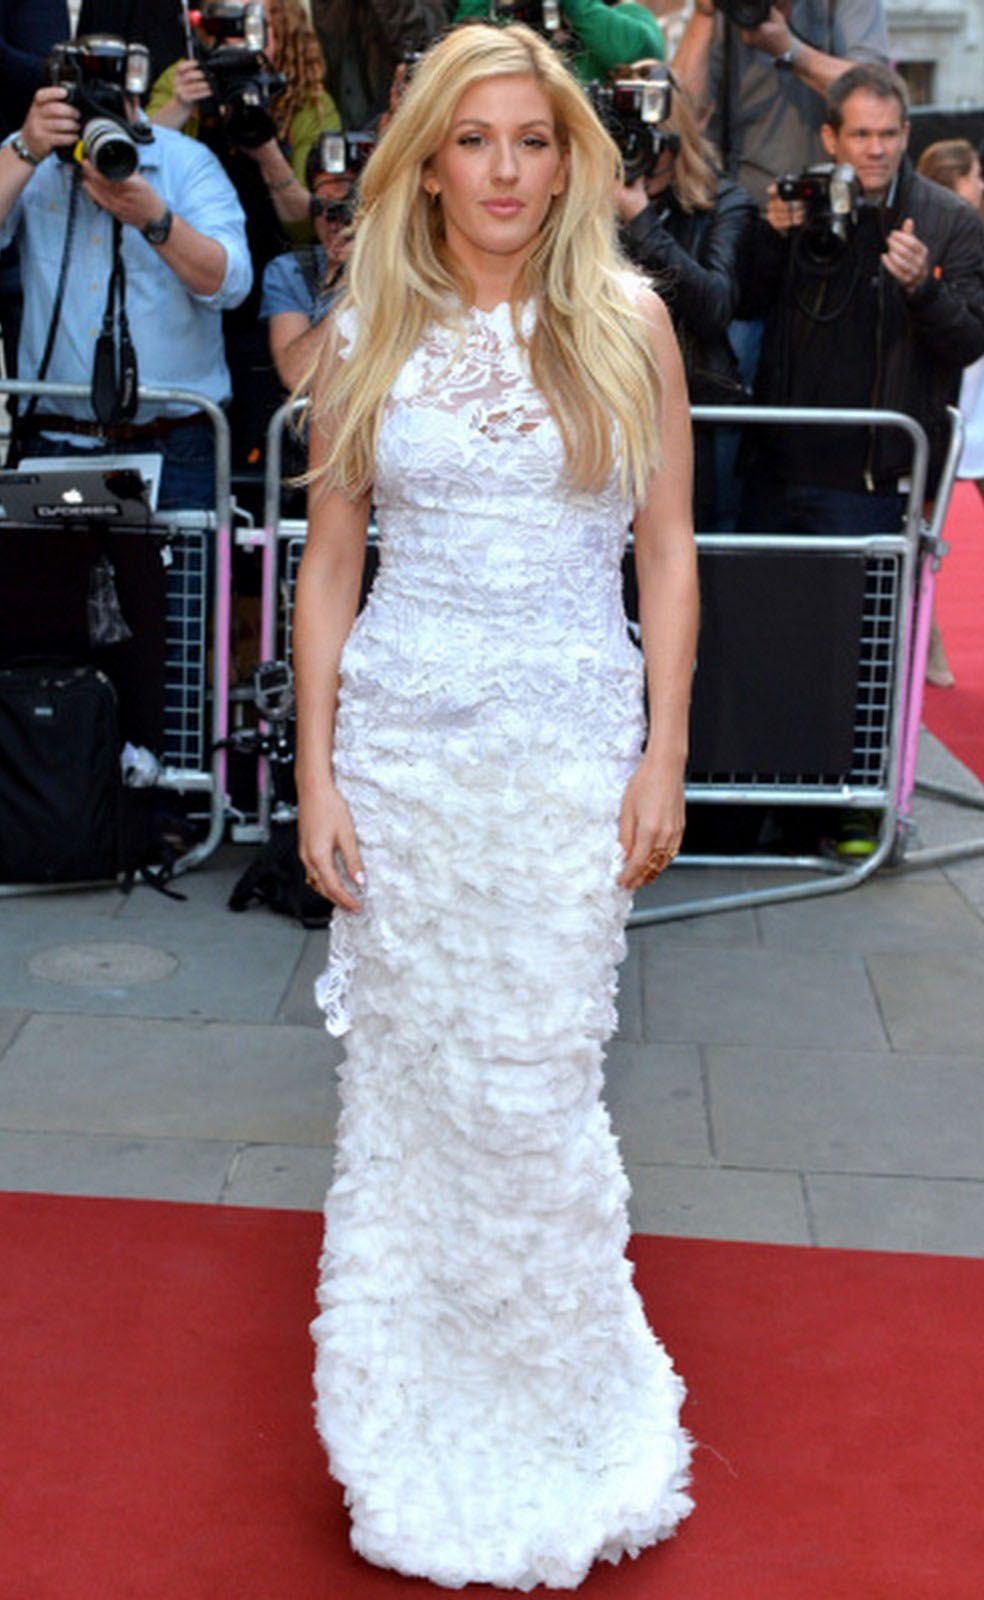 Ellie Goulding wore an Ermanno Scervino spring/summer 2014